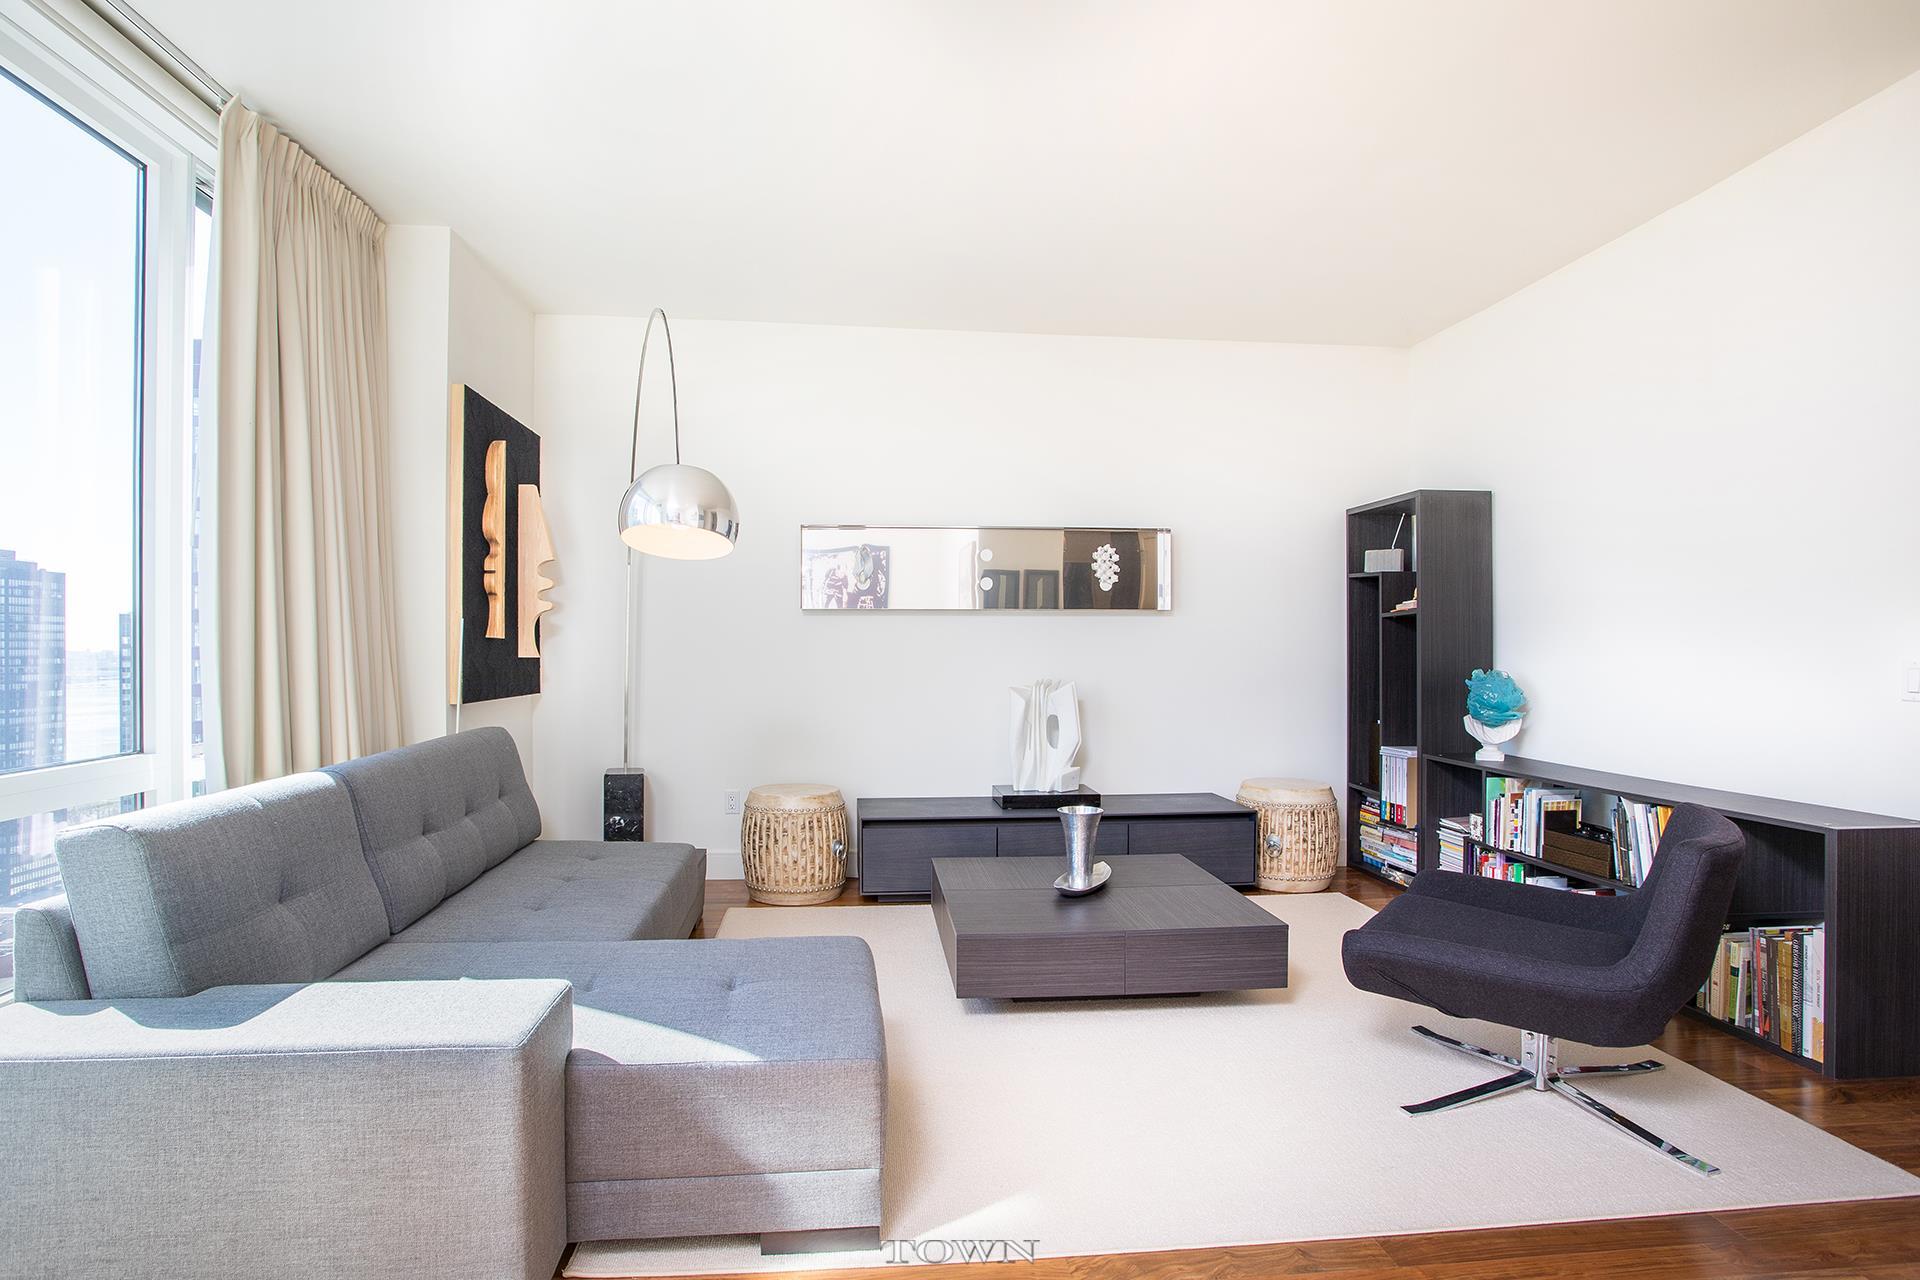 The veneto 250 east 53rd st 3203 midtown new york for 53rd street salon